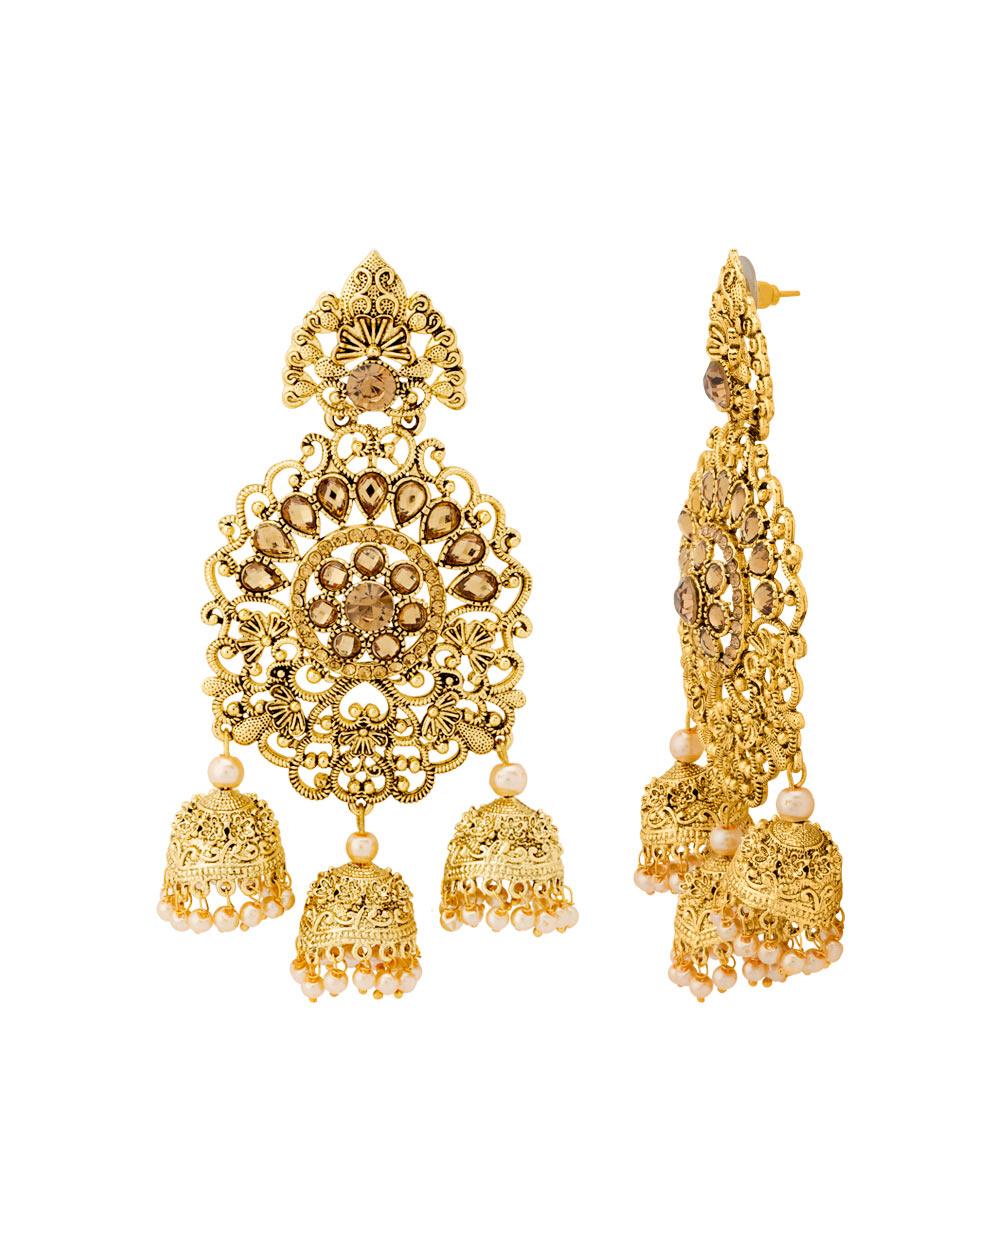 Buy Alluring Filigree Design Gold Plated Jhumka Dangler Earrings ...